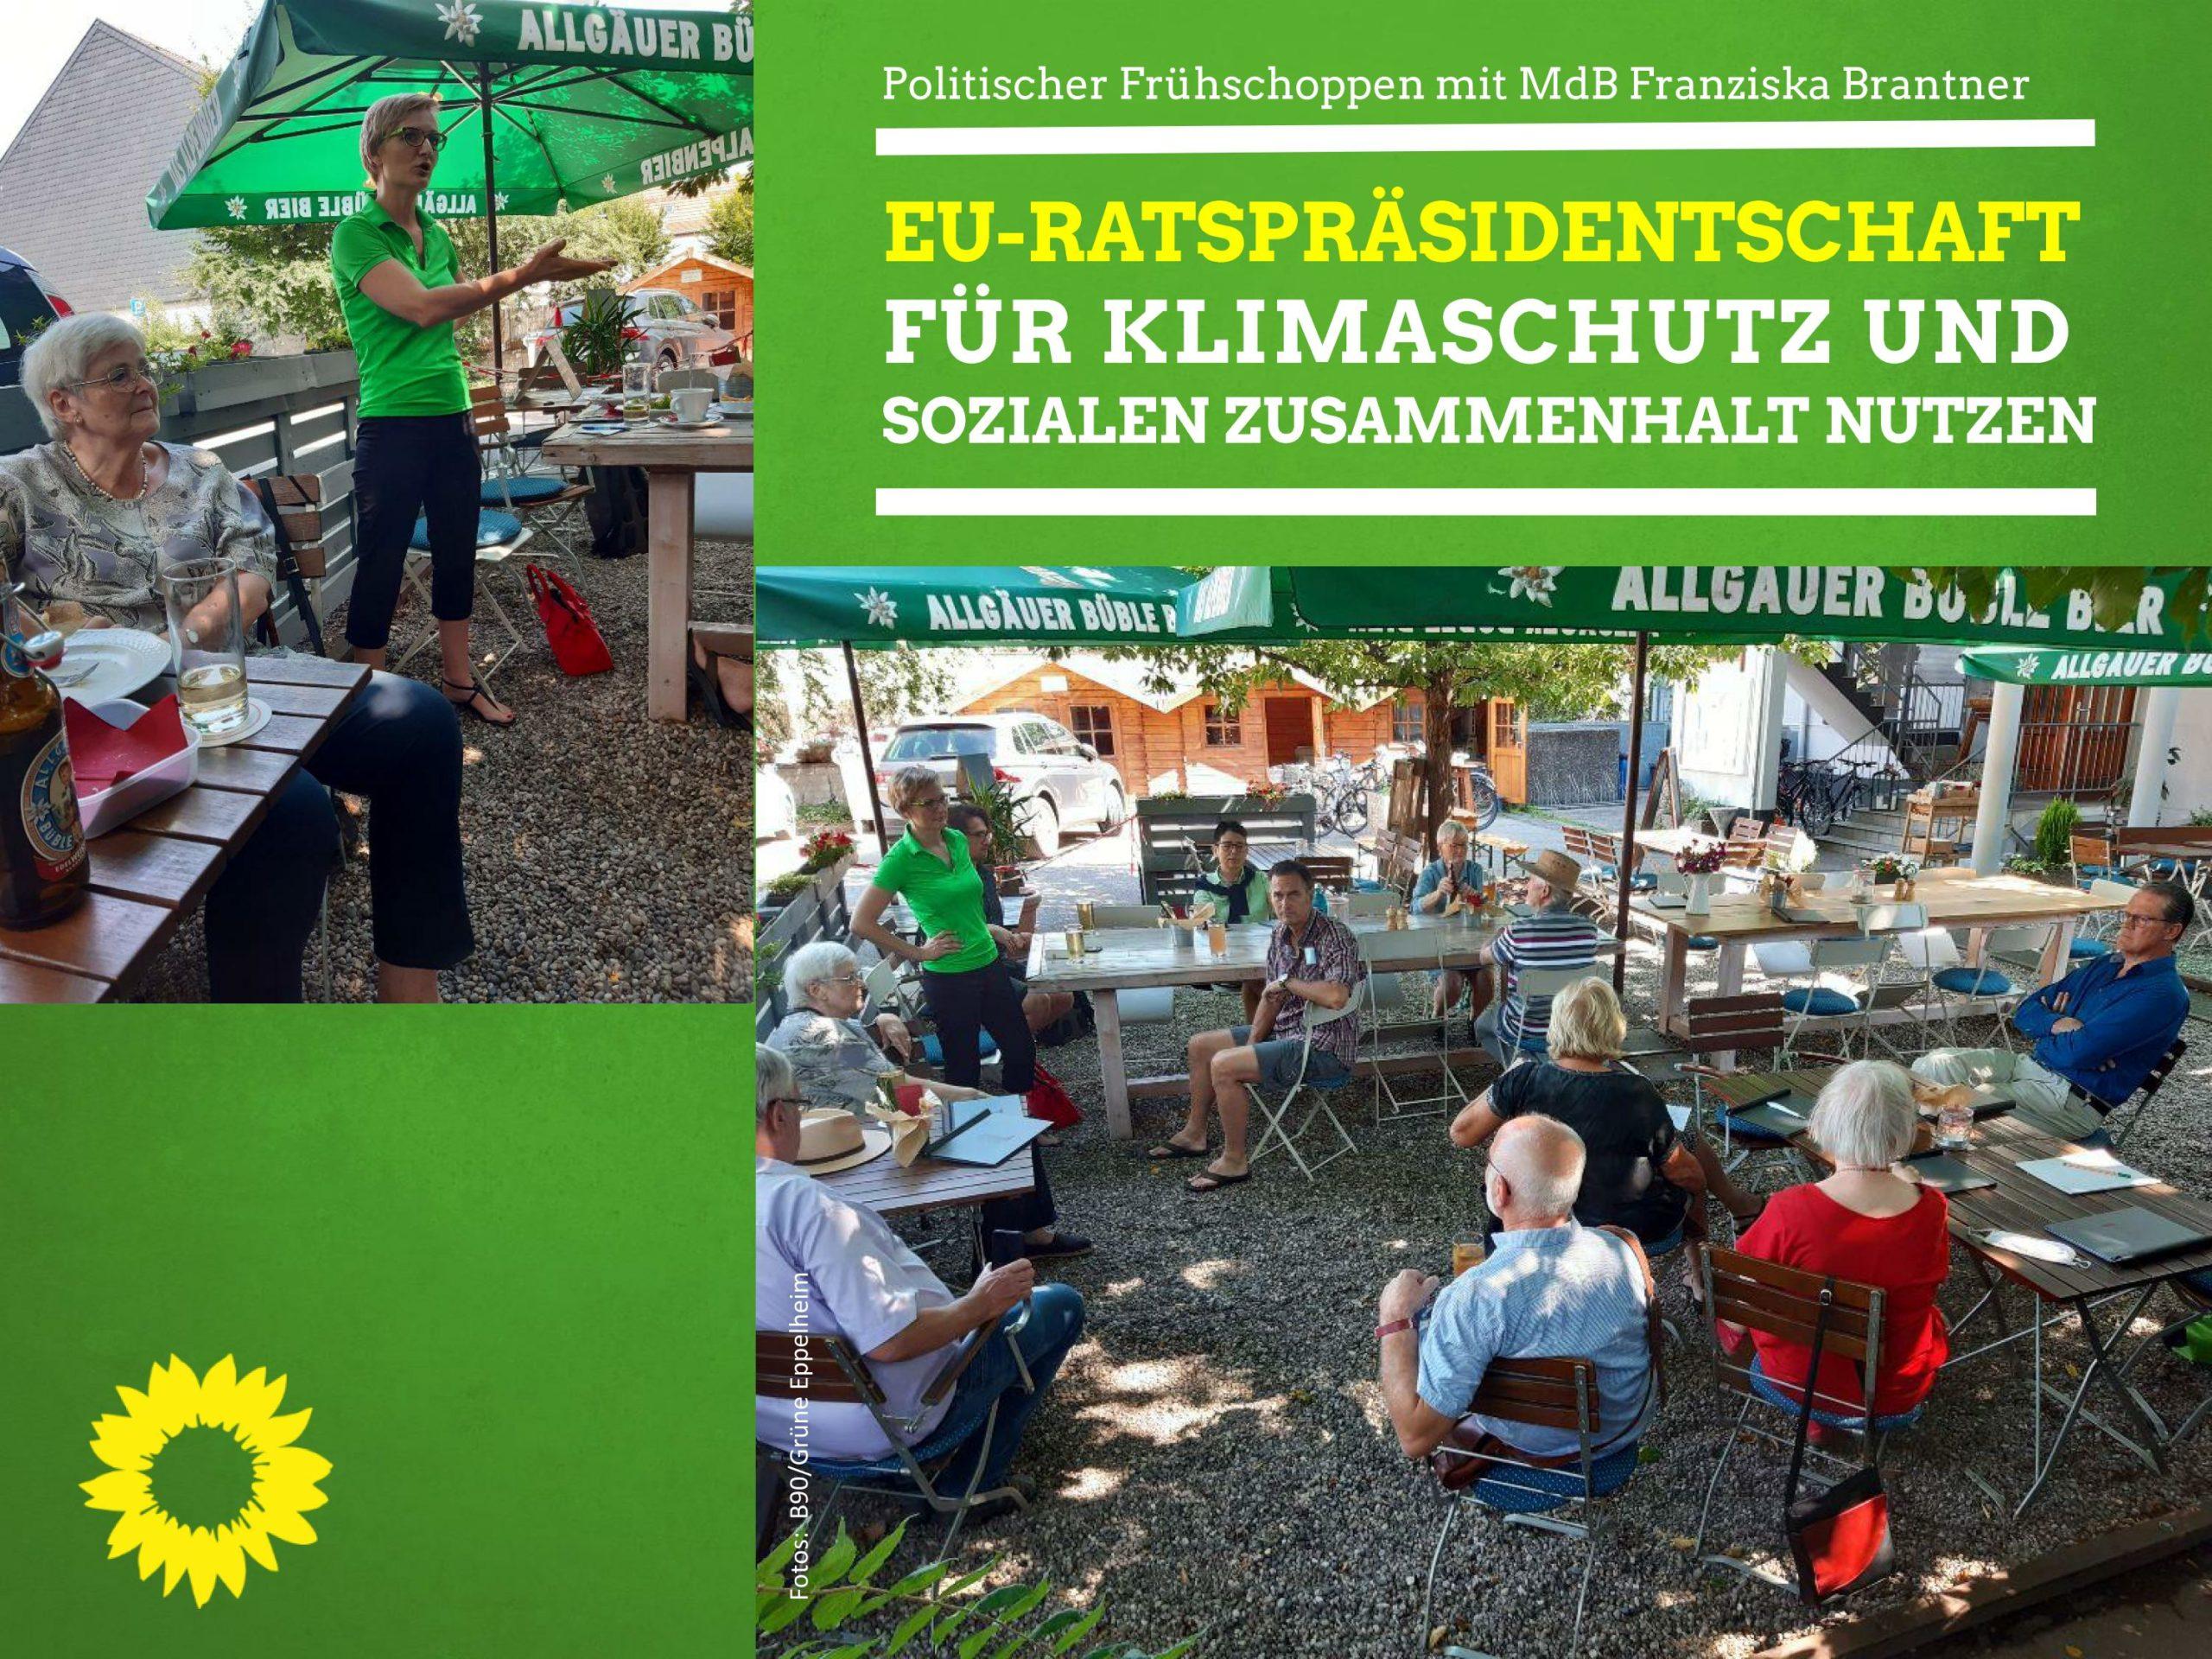 """""""EU-Ratspräsidentschaft für Klimaschutz und sozialen Zusammenhalt nutzen"""" -Bundestagsabgeordnete Franziska Brantner zu Gast bei den Eppelheimer Grünen"""